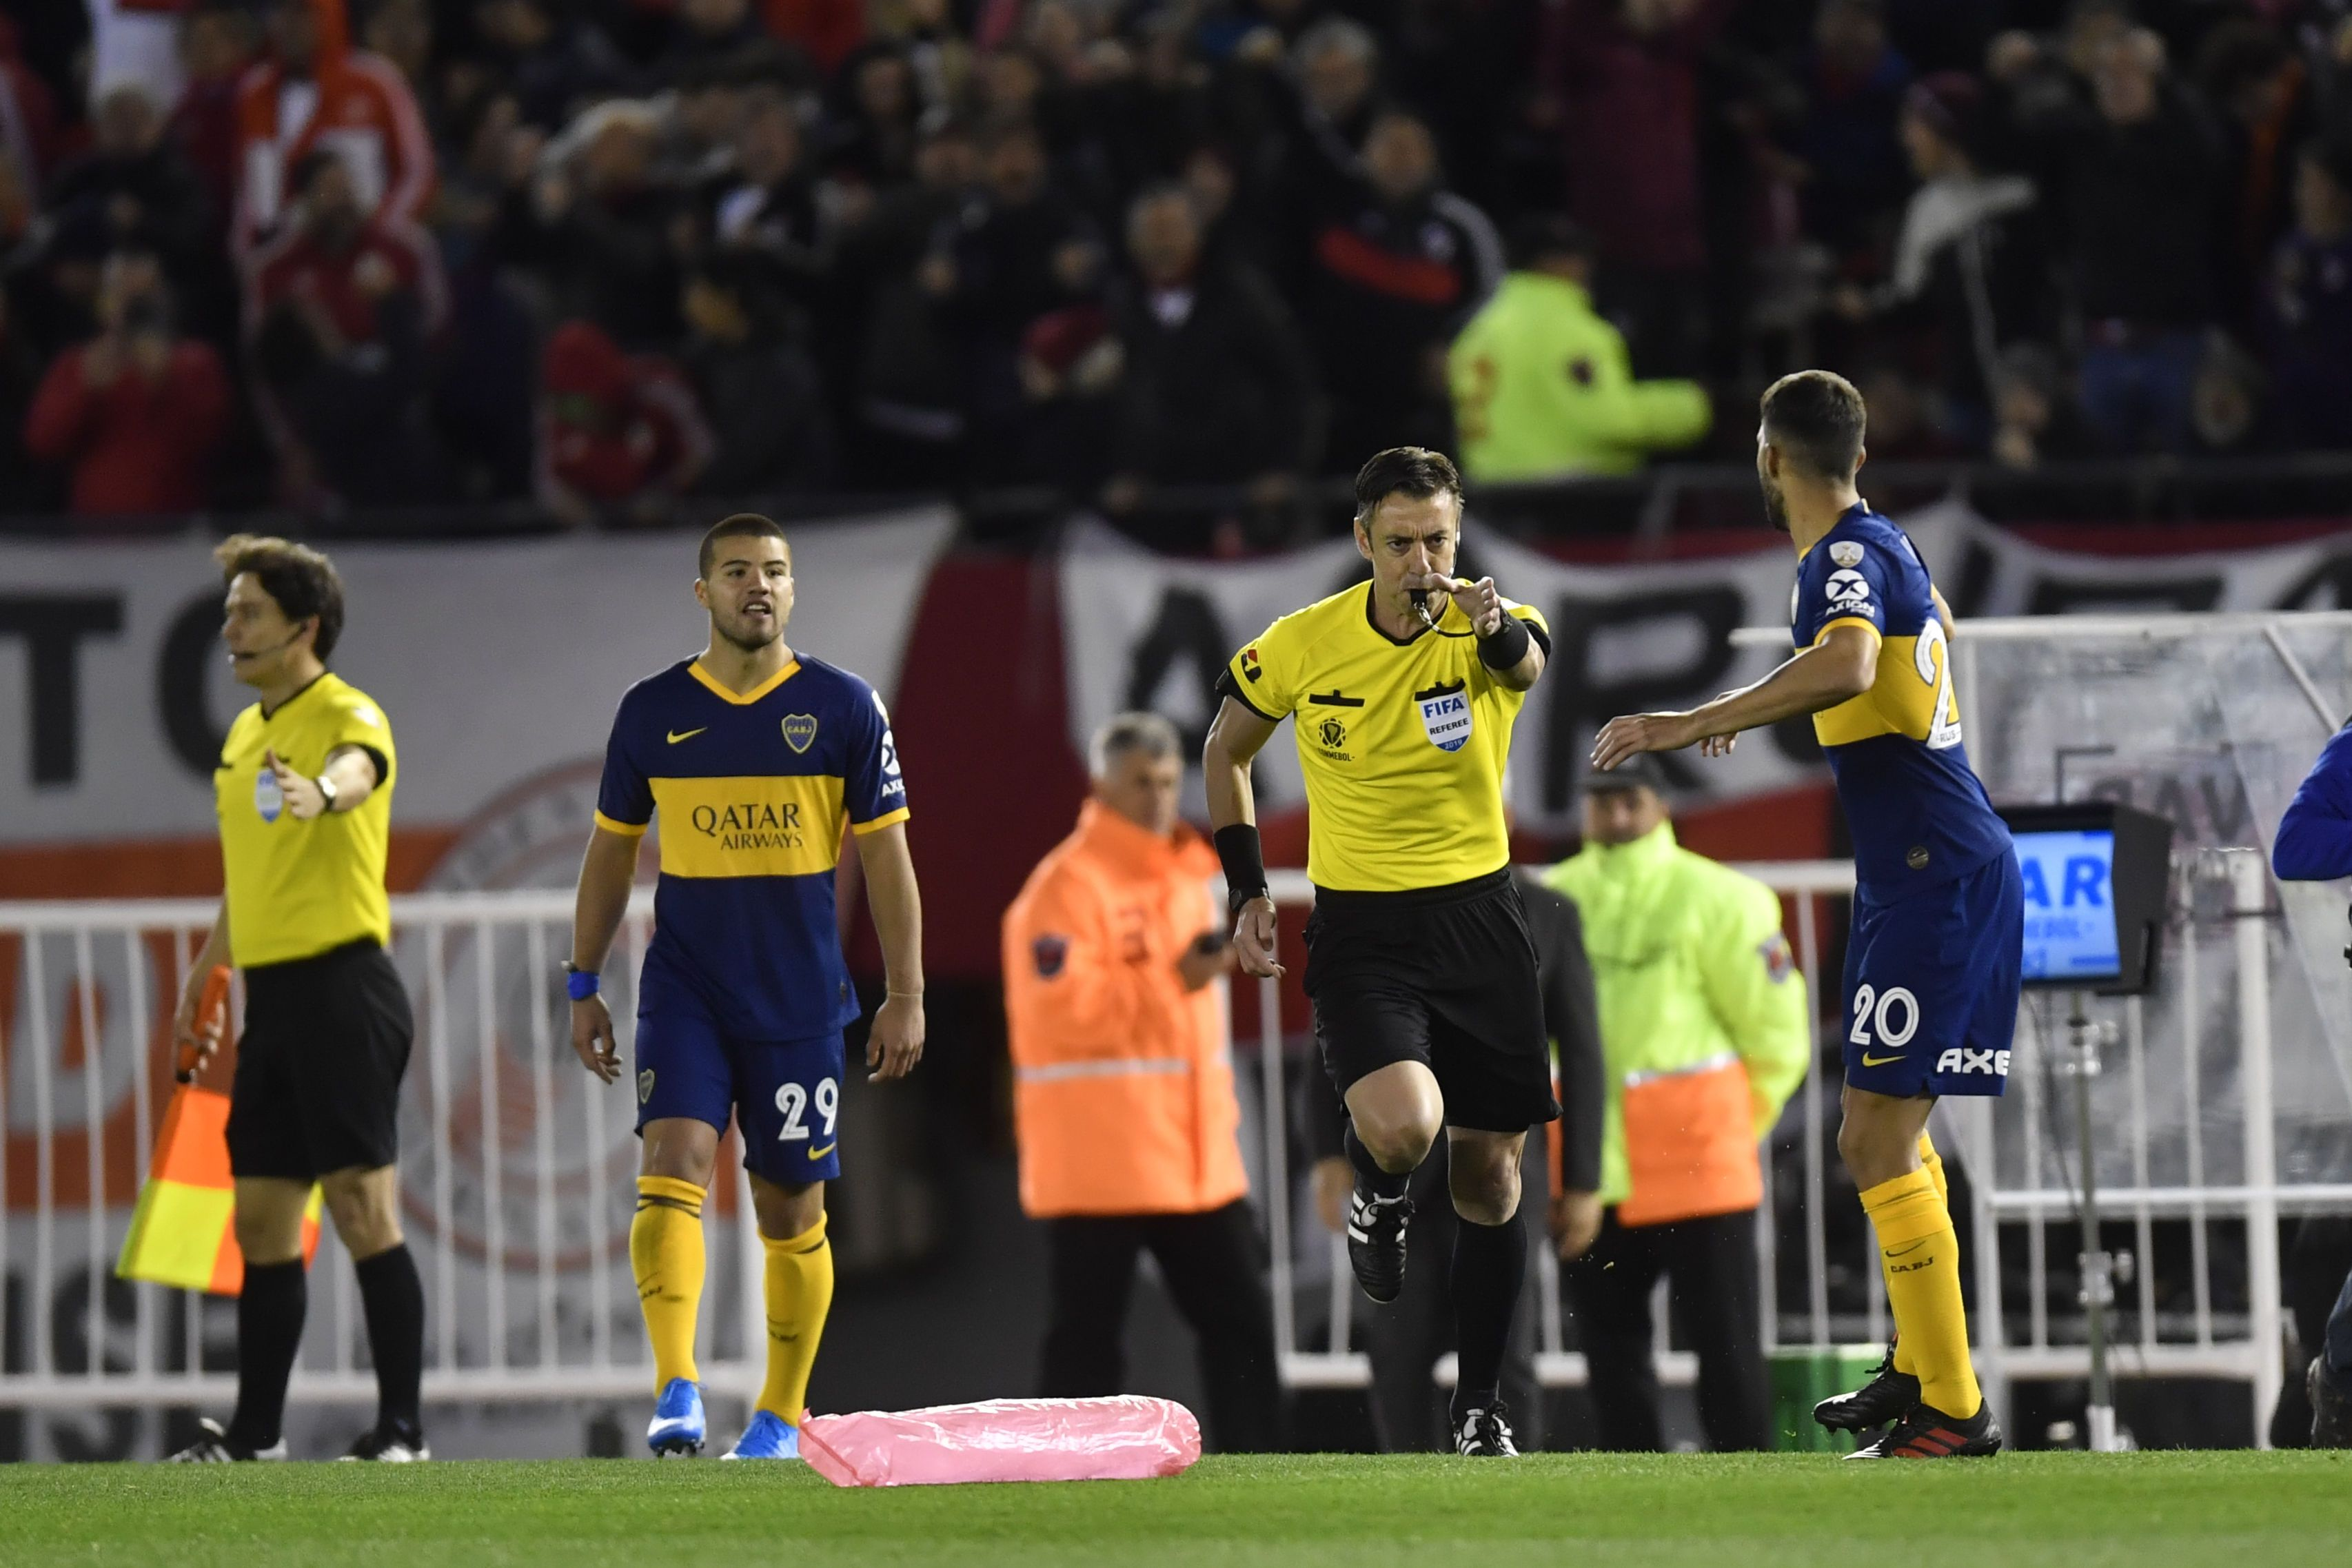 Los futbolistas de Boca y River que jugarán el Superclásico al límite con las amarillas